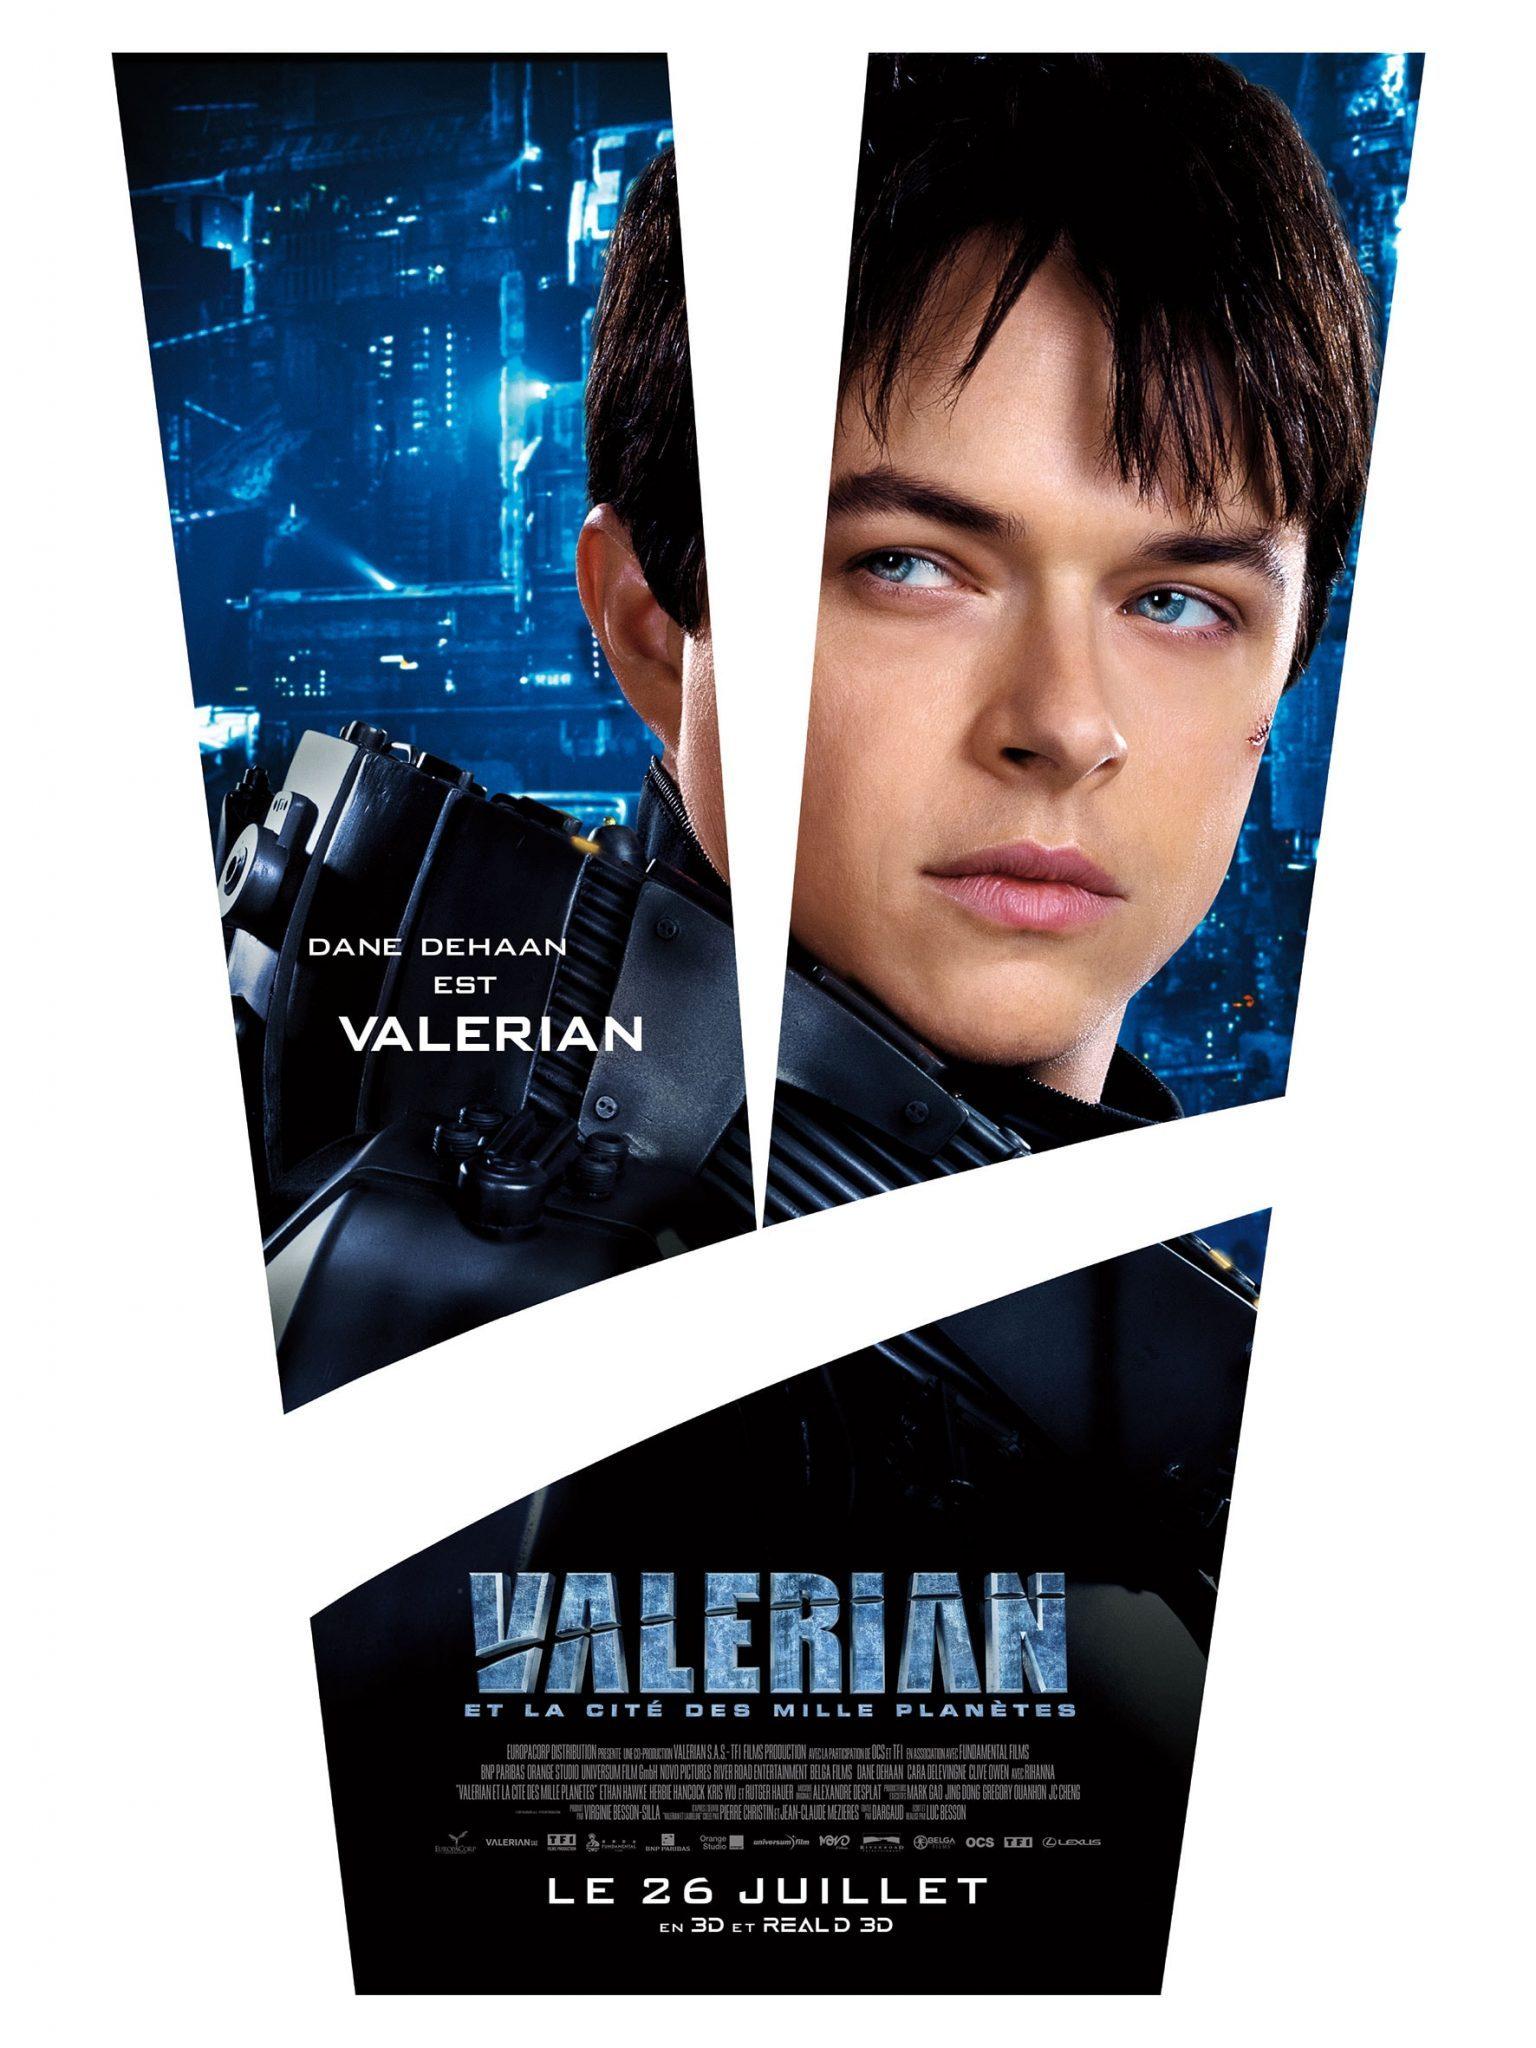 VALERIAN_Affiche_Valerian_BD